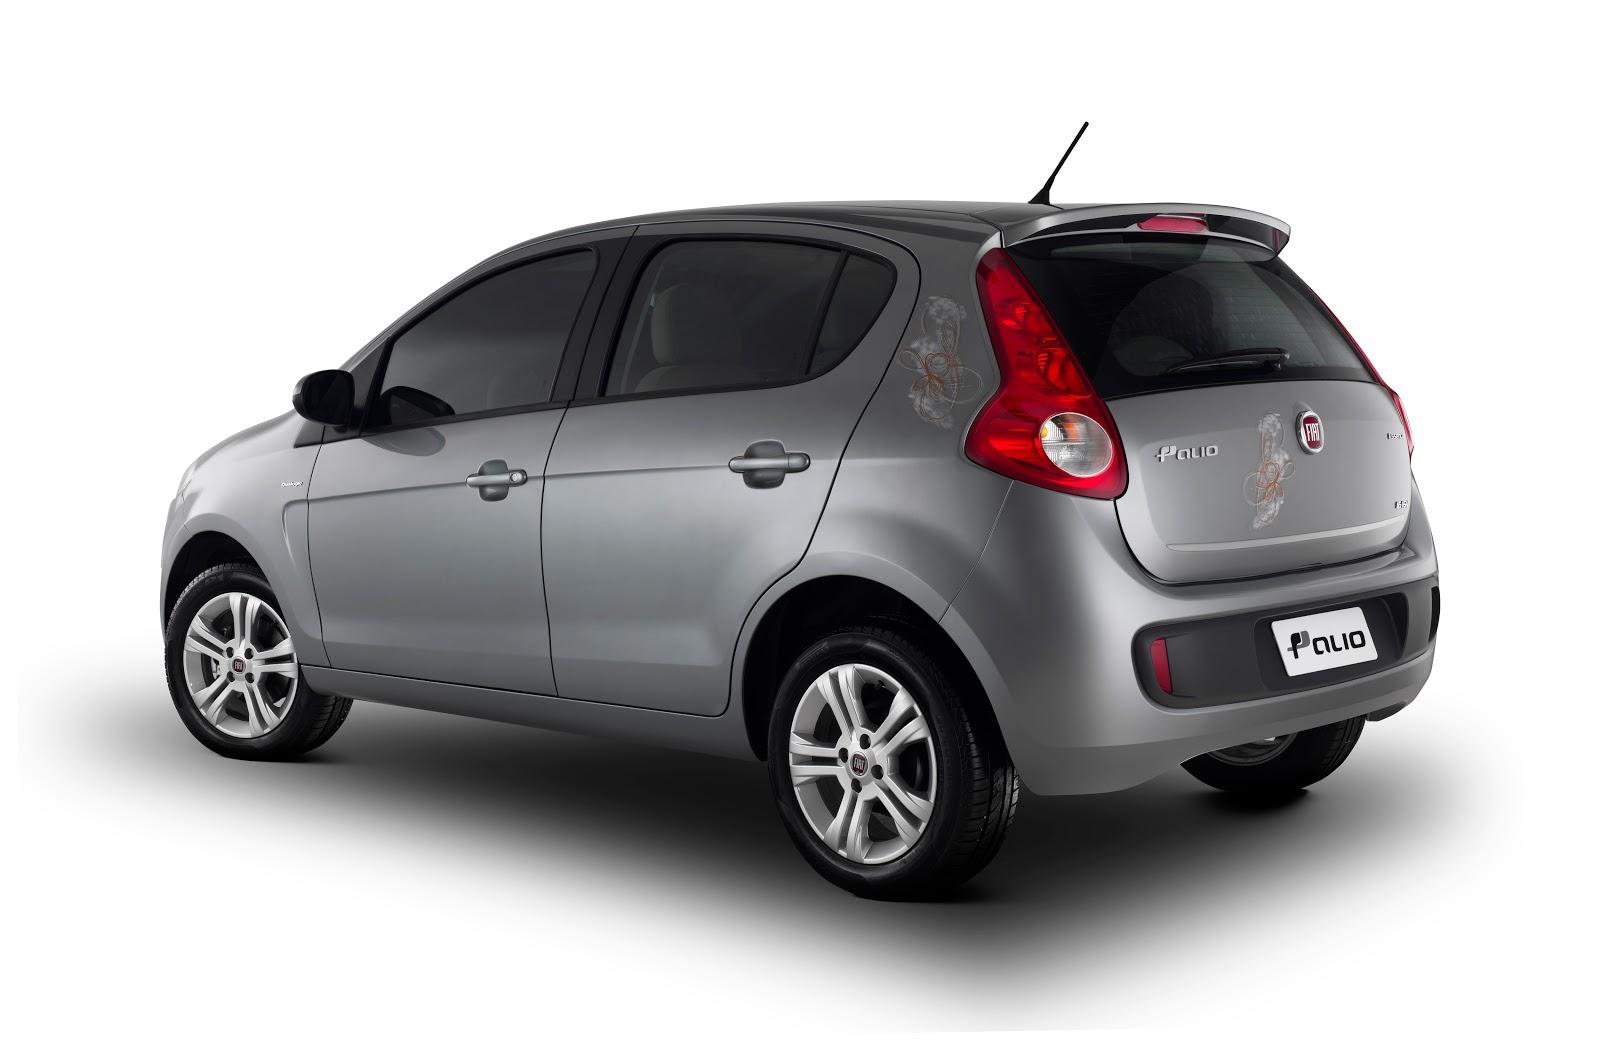 Maior, melhor, mais bonito: Chegou o Novo Palio na Carboni Fiat palio essence 027